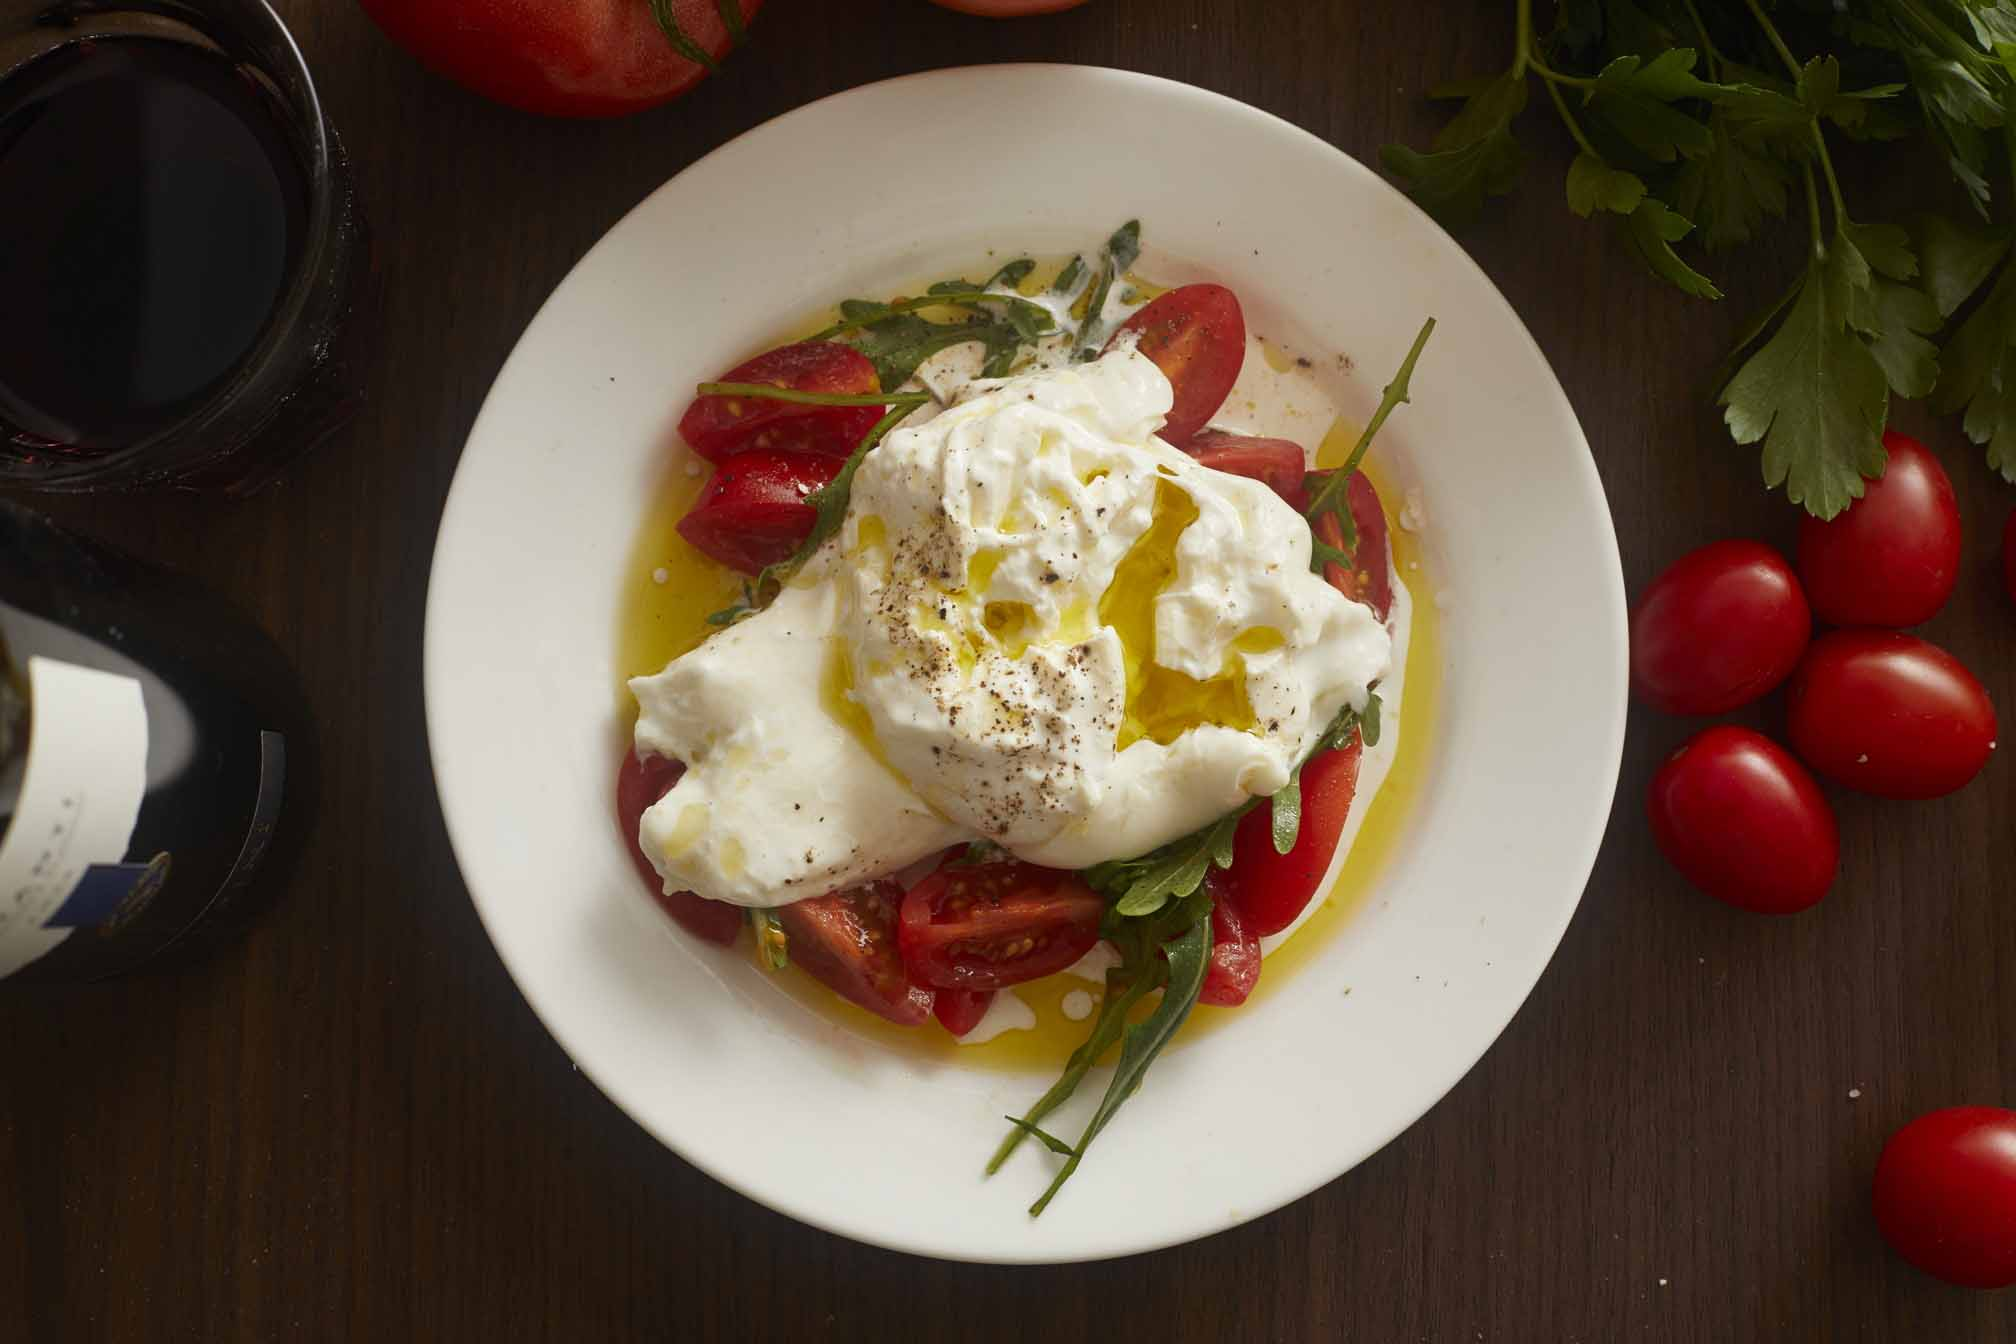 Creamy, delicious, oh-so-perfect burrata.